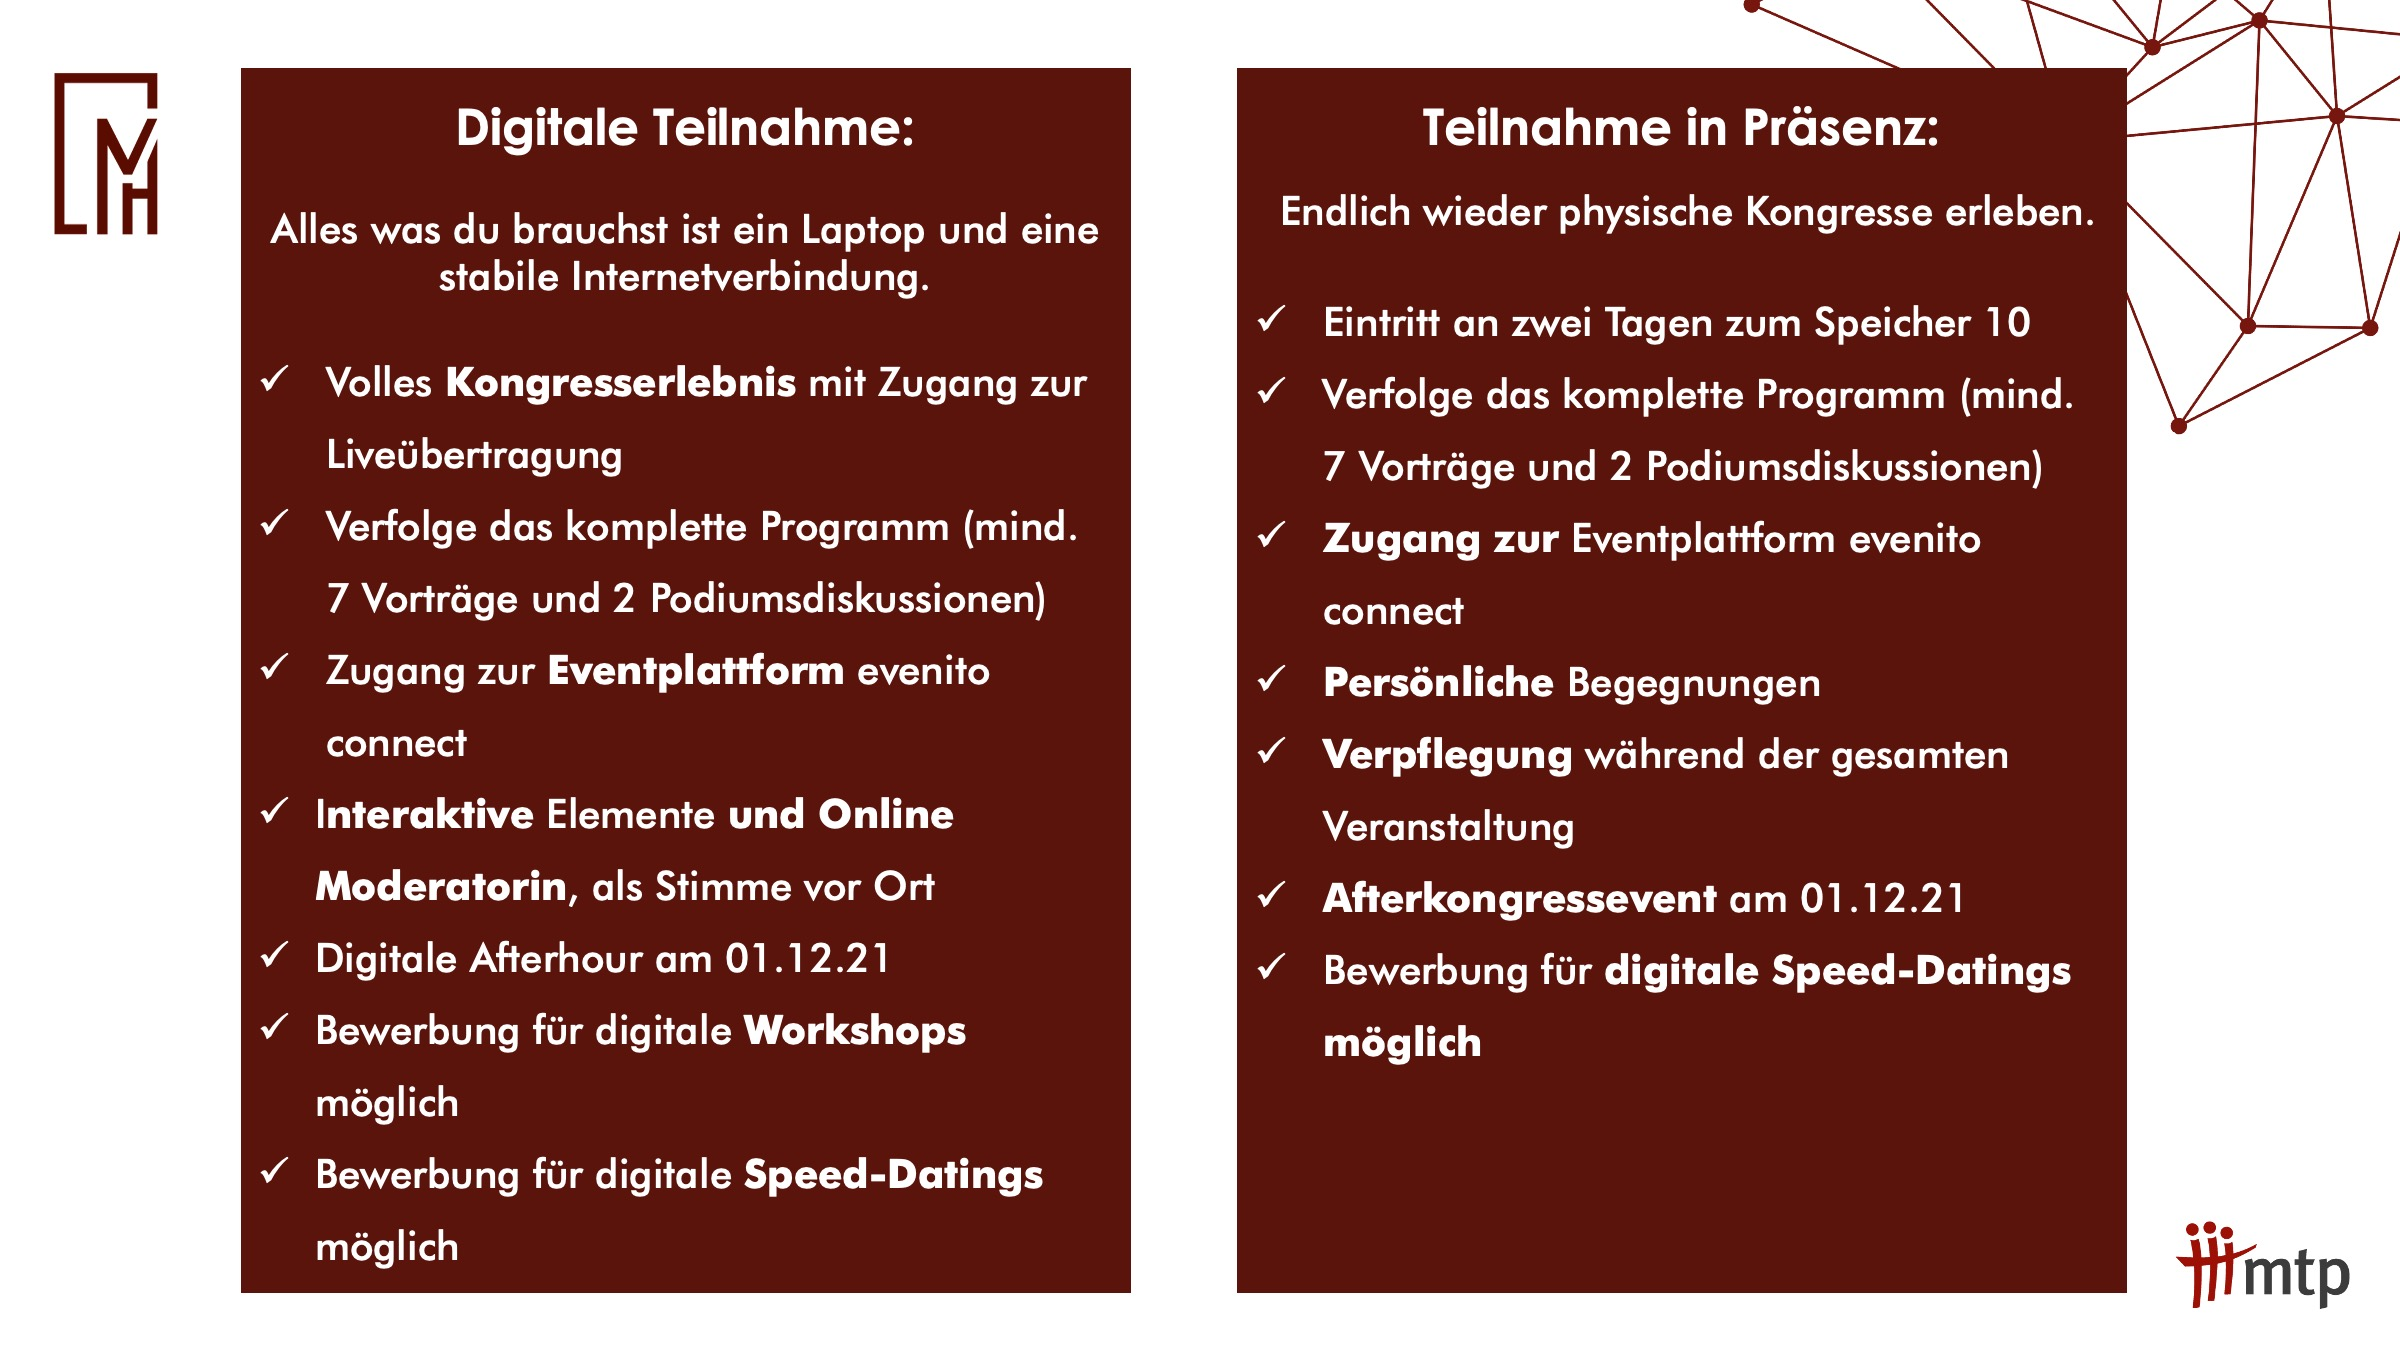 Ticketvergleich-digital-vs-praesenz